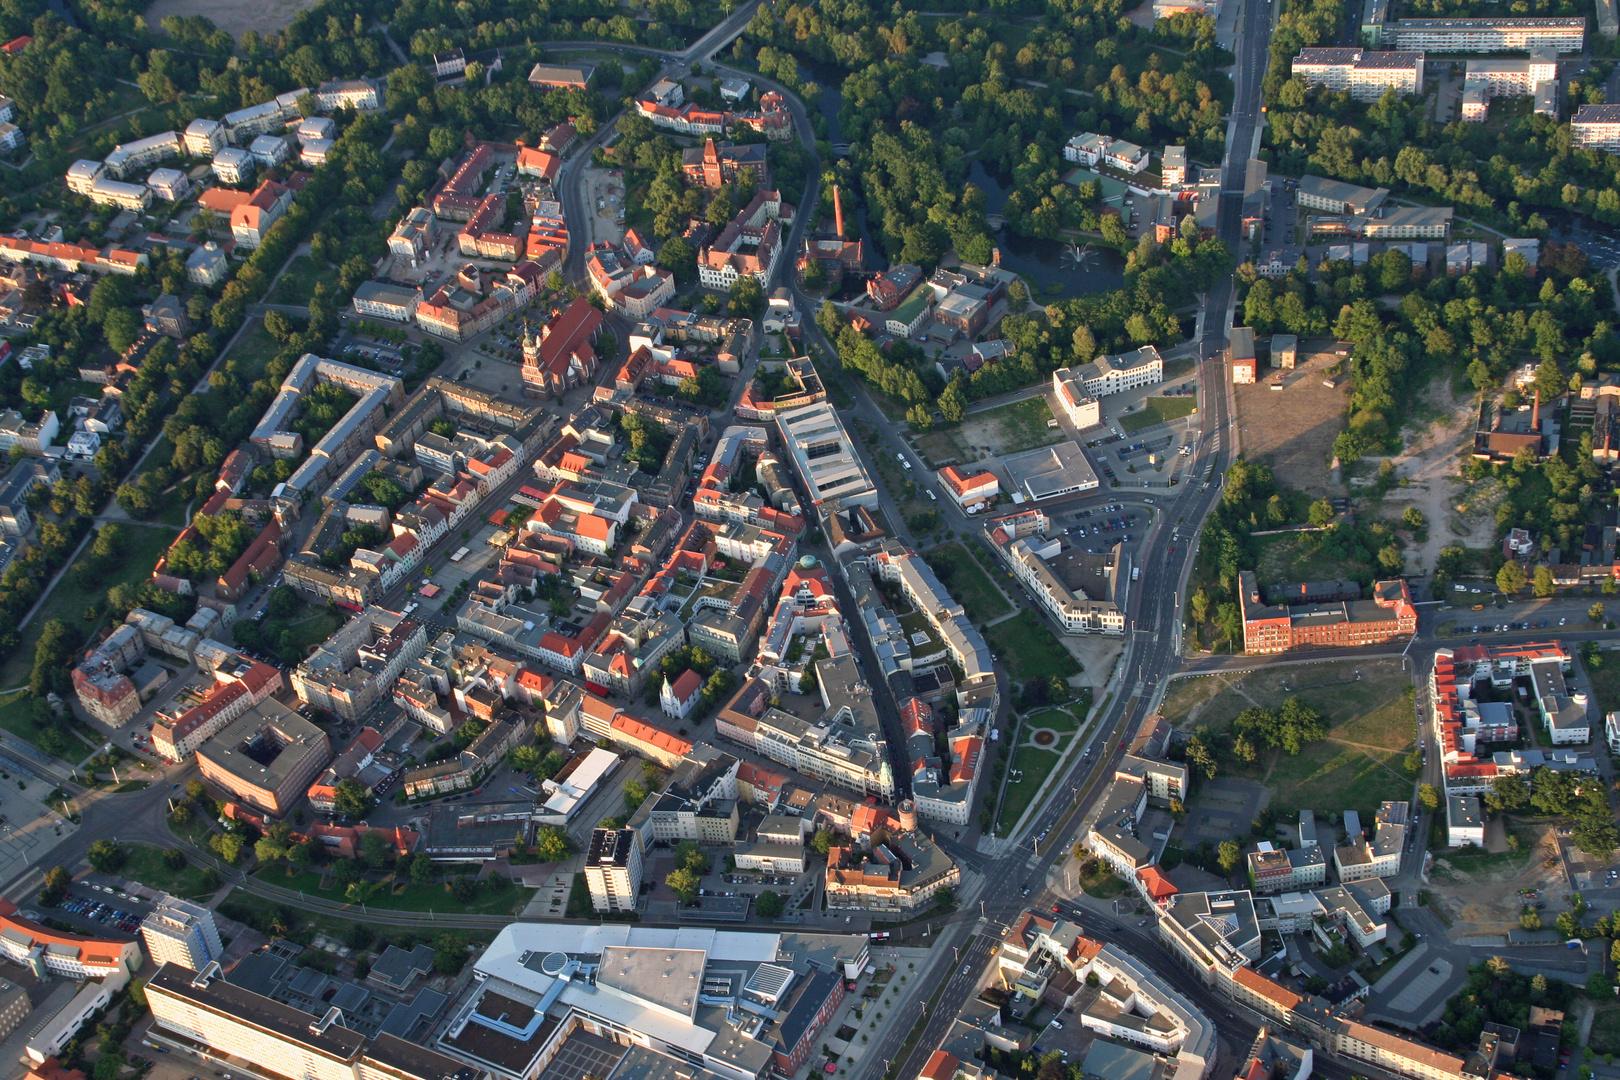 Die Altstadt von Cottbus